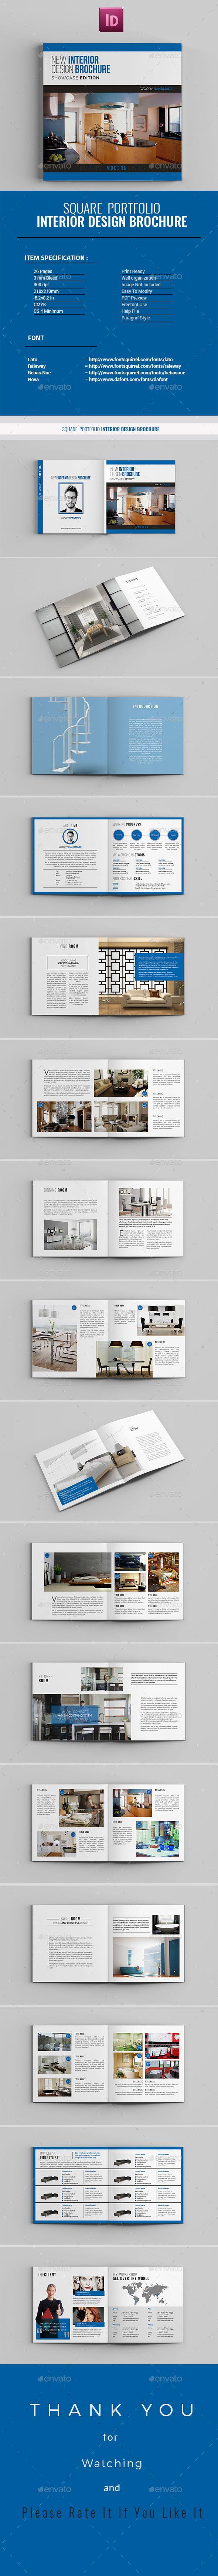 Square Portfolio Interior Design Brochure Template InDesign INDD